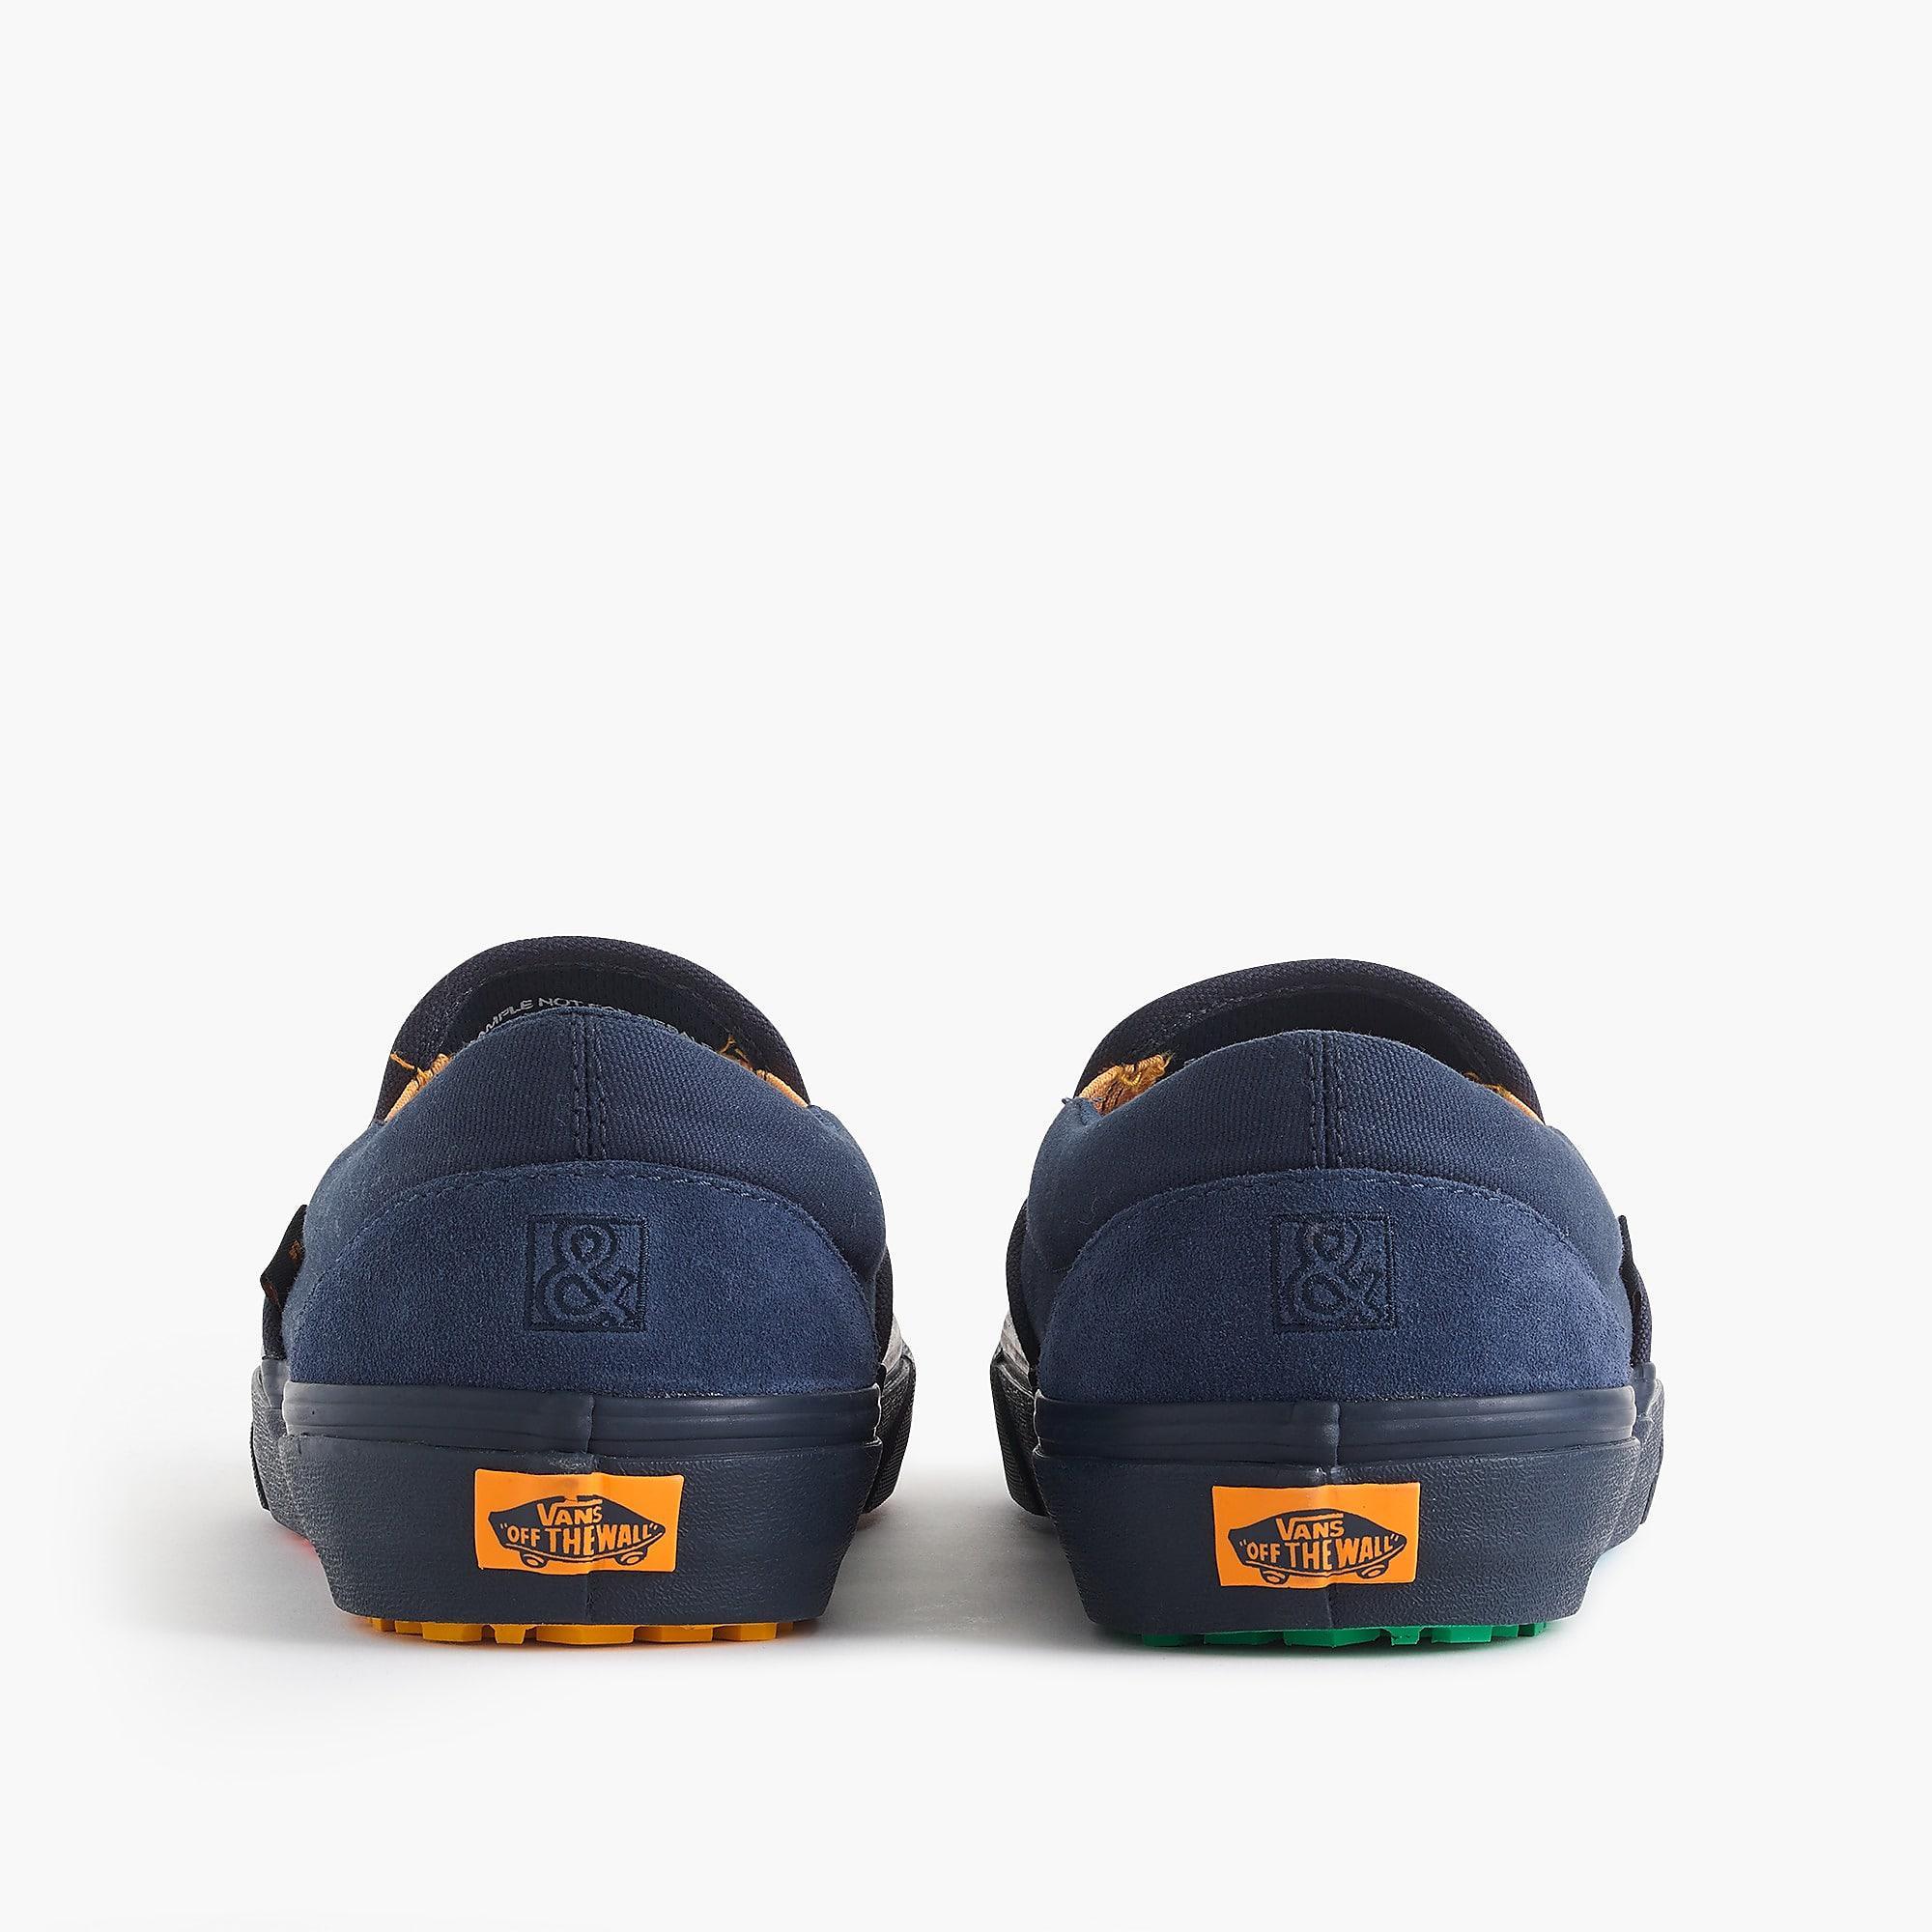 100% Spitzenqualität Farbbrillanz einzigartiger Stil X Hedley & Bennett Slip-on Sneakers